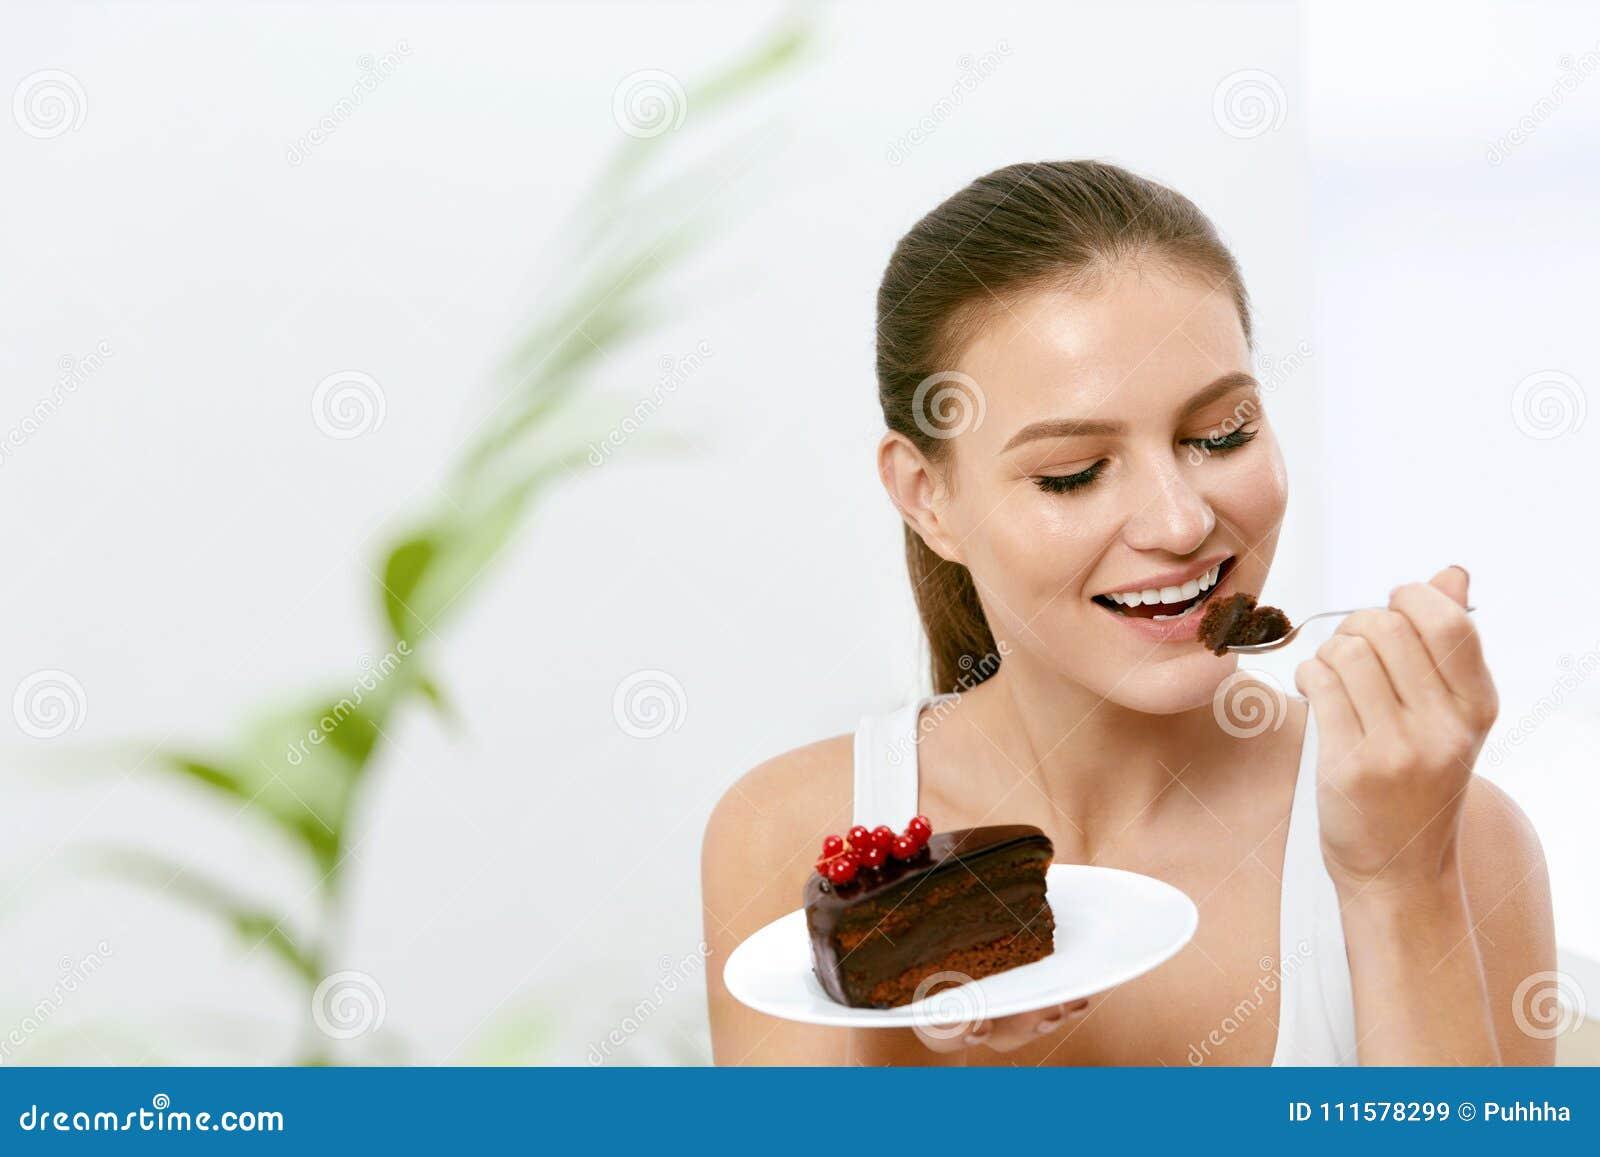 Vrouw die cake eet Mooi Vrouwelijk het Eten Dessert